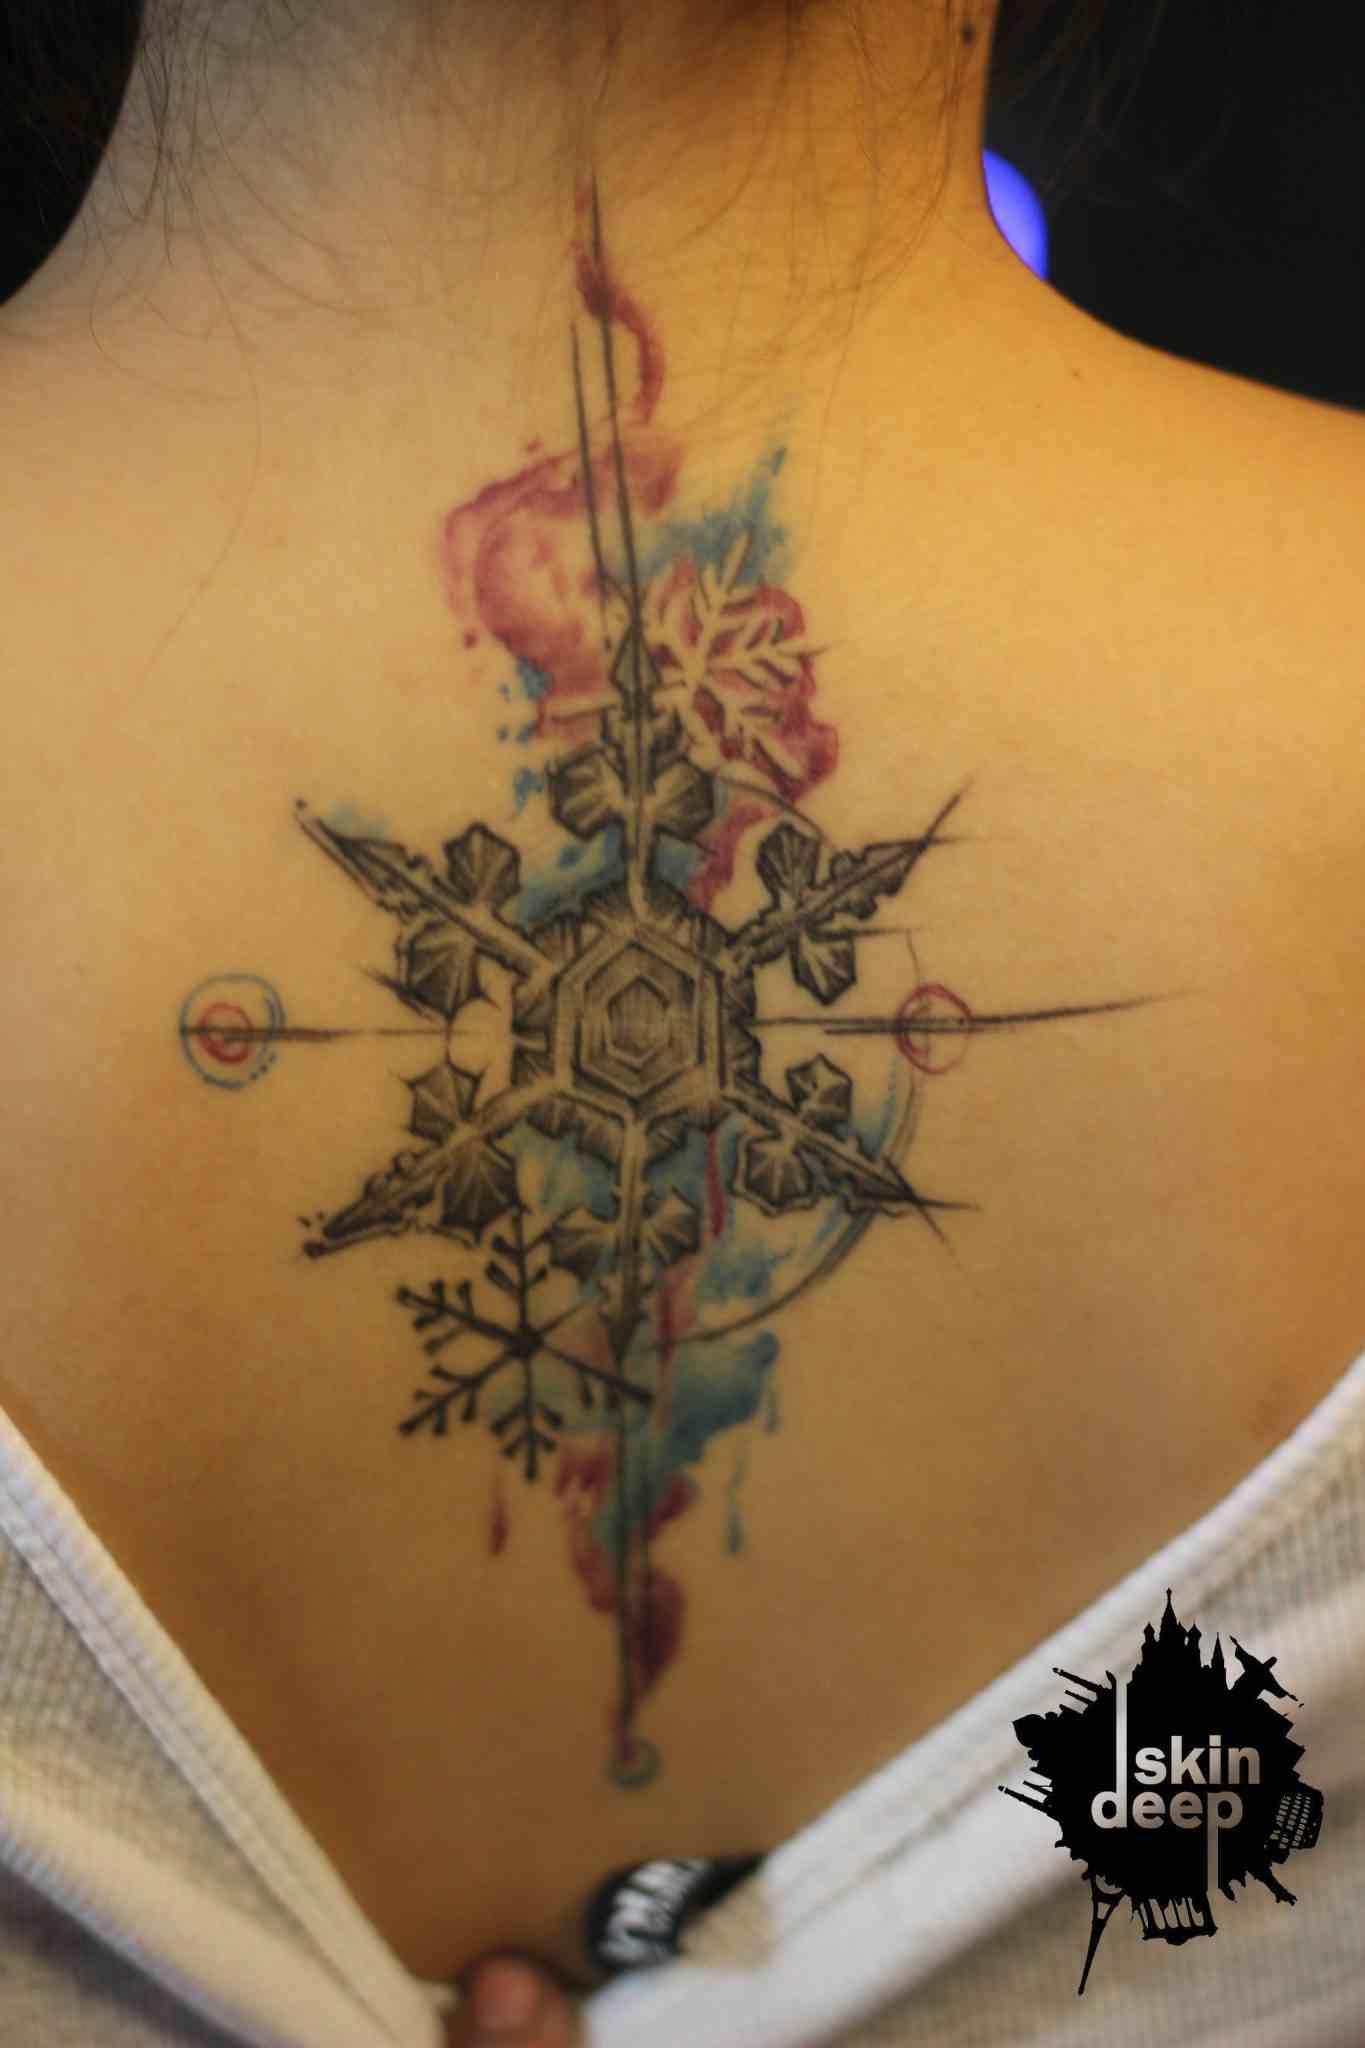 skindeep-tattoo-bangalore-back-color-design